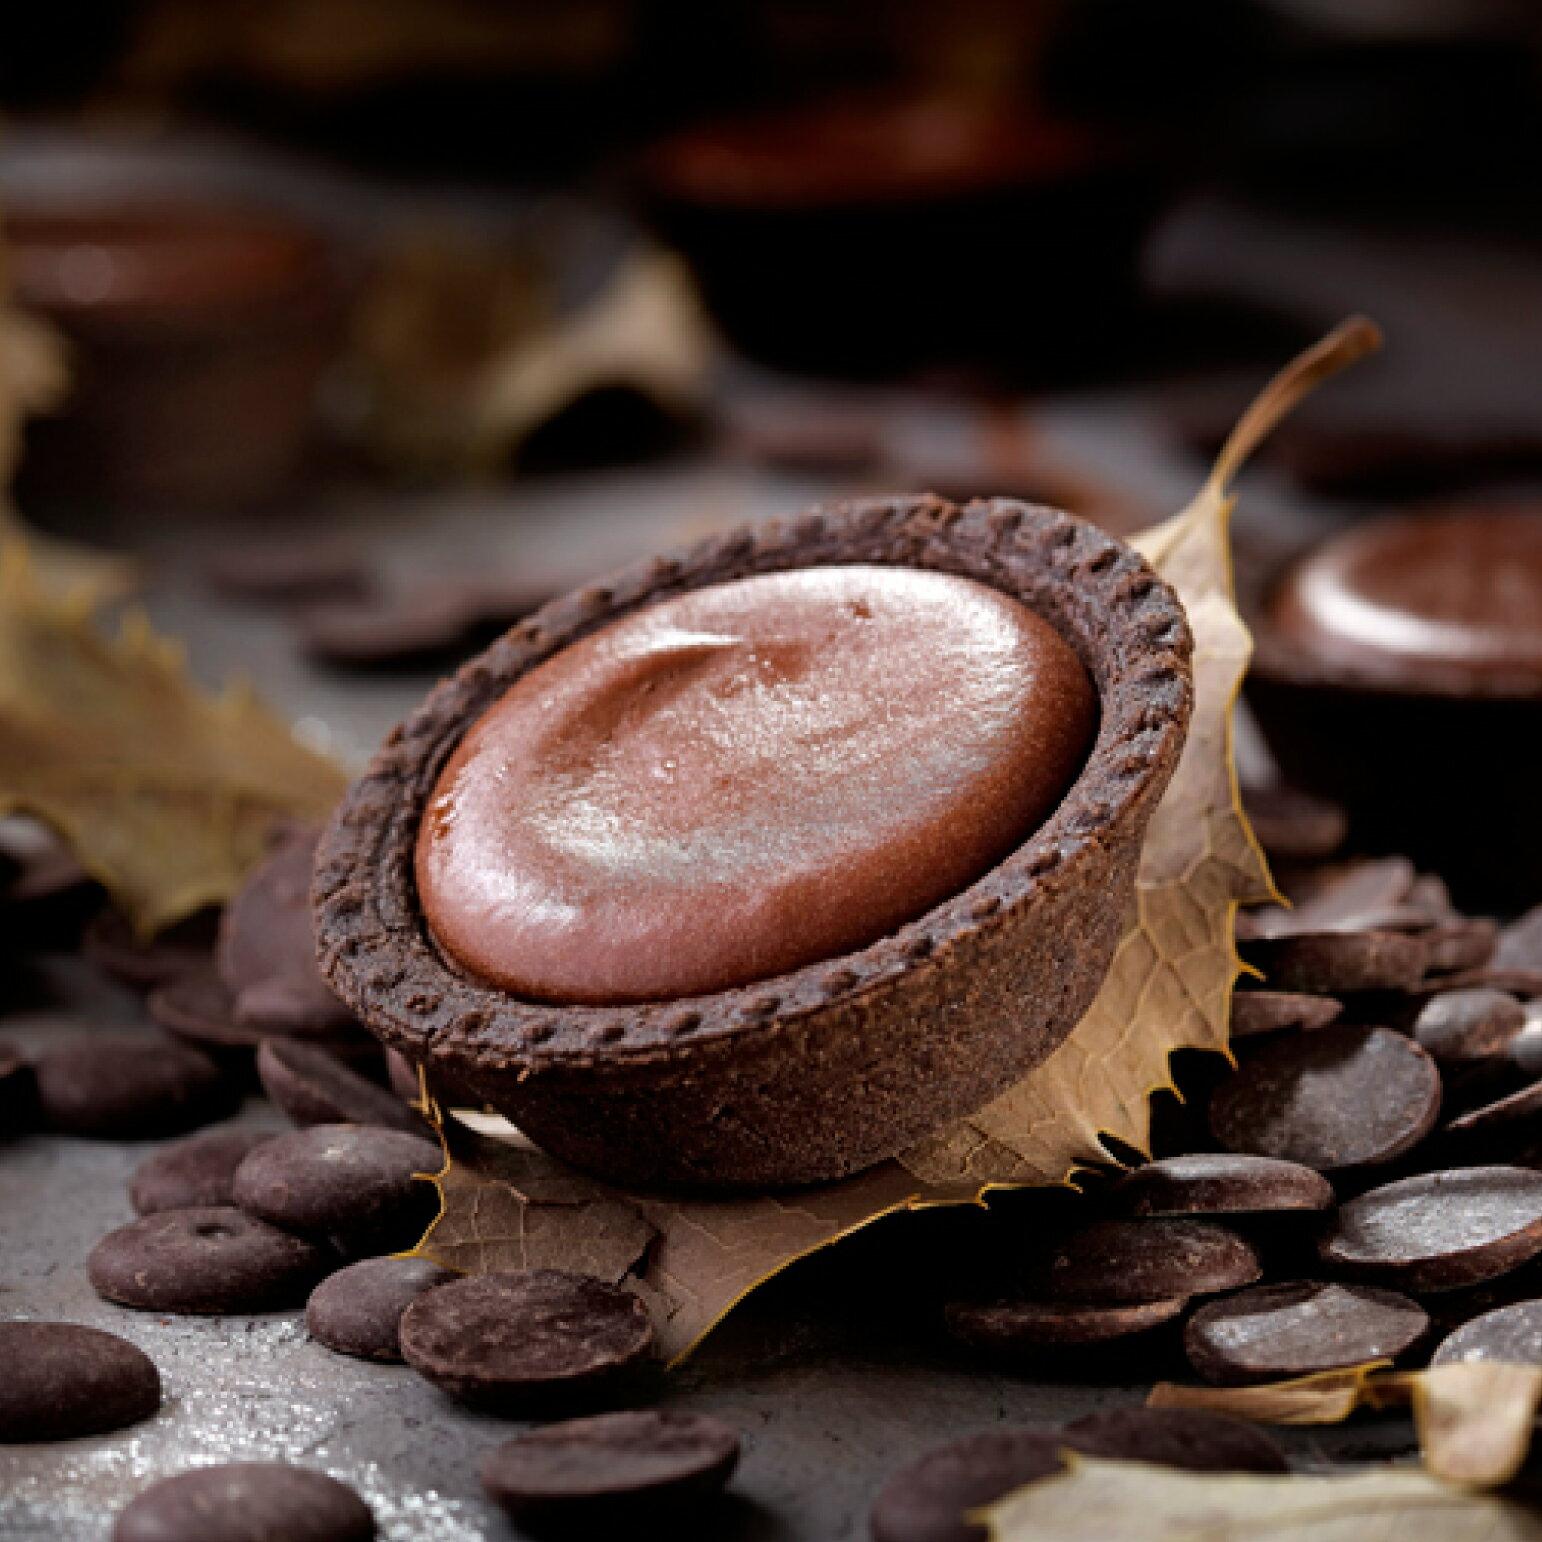 【安普蕾修Sweets】苦甜巧克力起士塔10入/盒|團購| 甜點| 下午茶|  禮盒| 蛋糕|蛋奶素